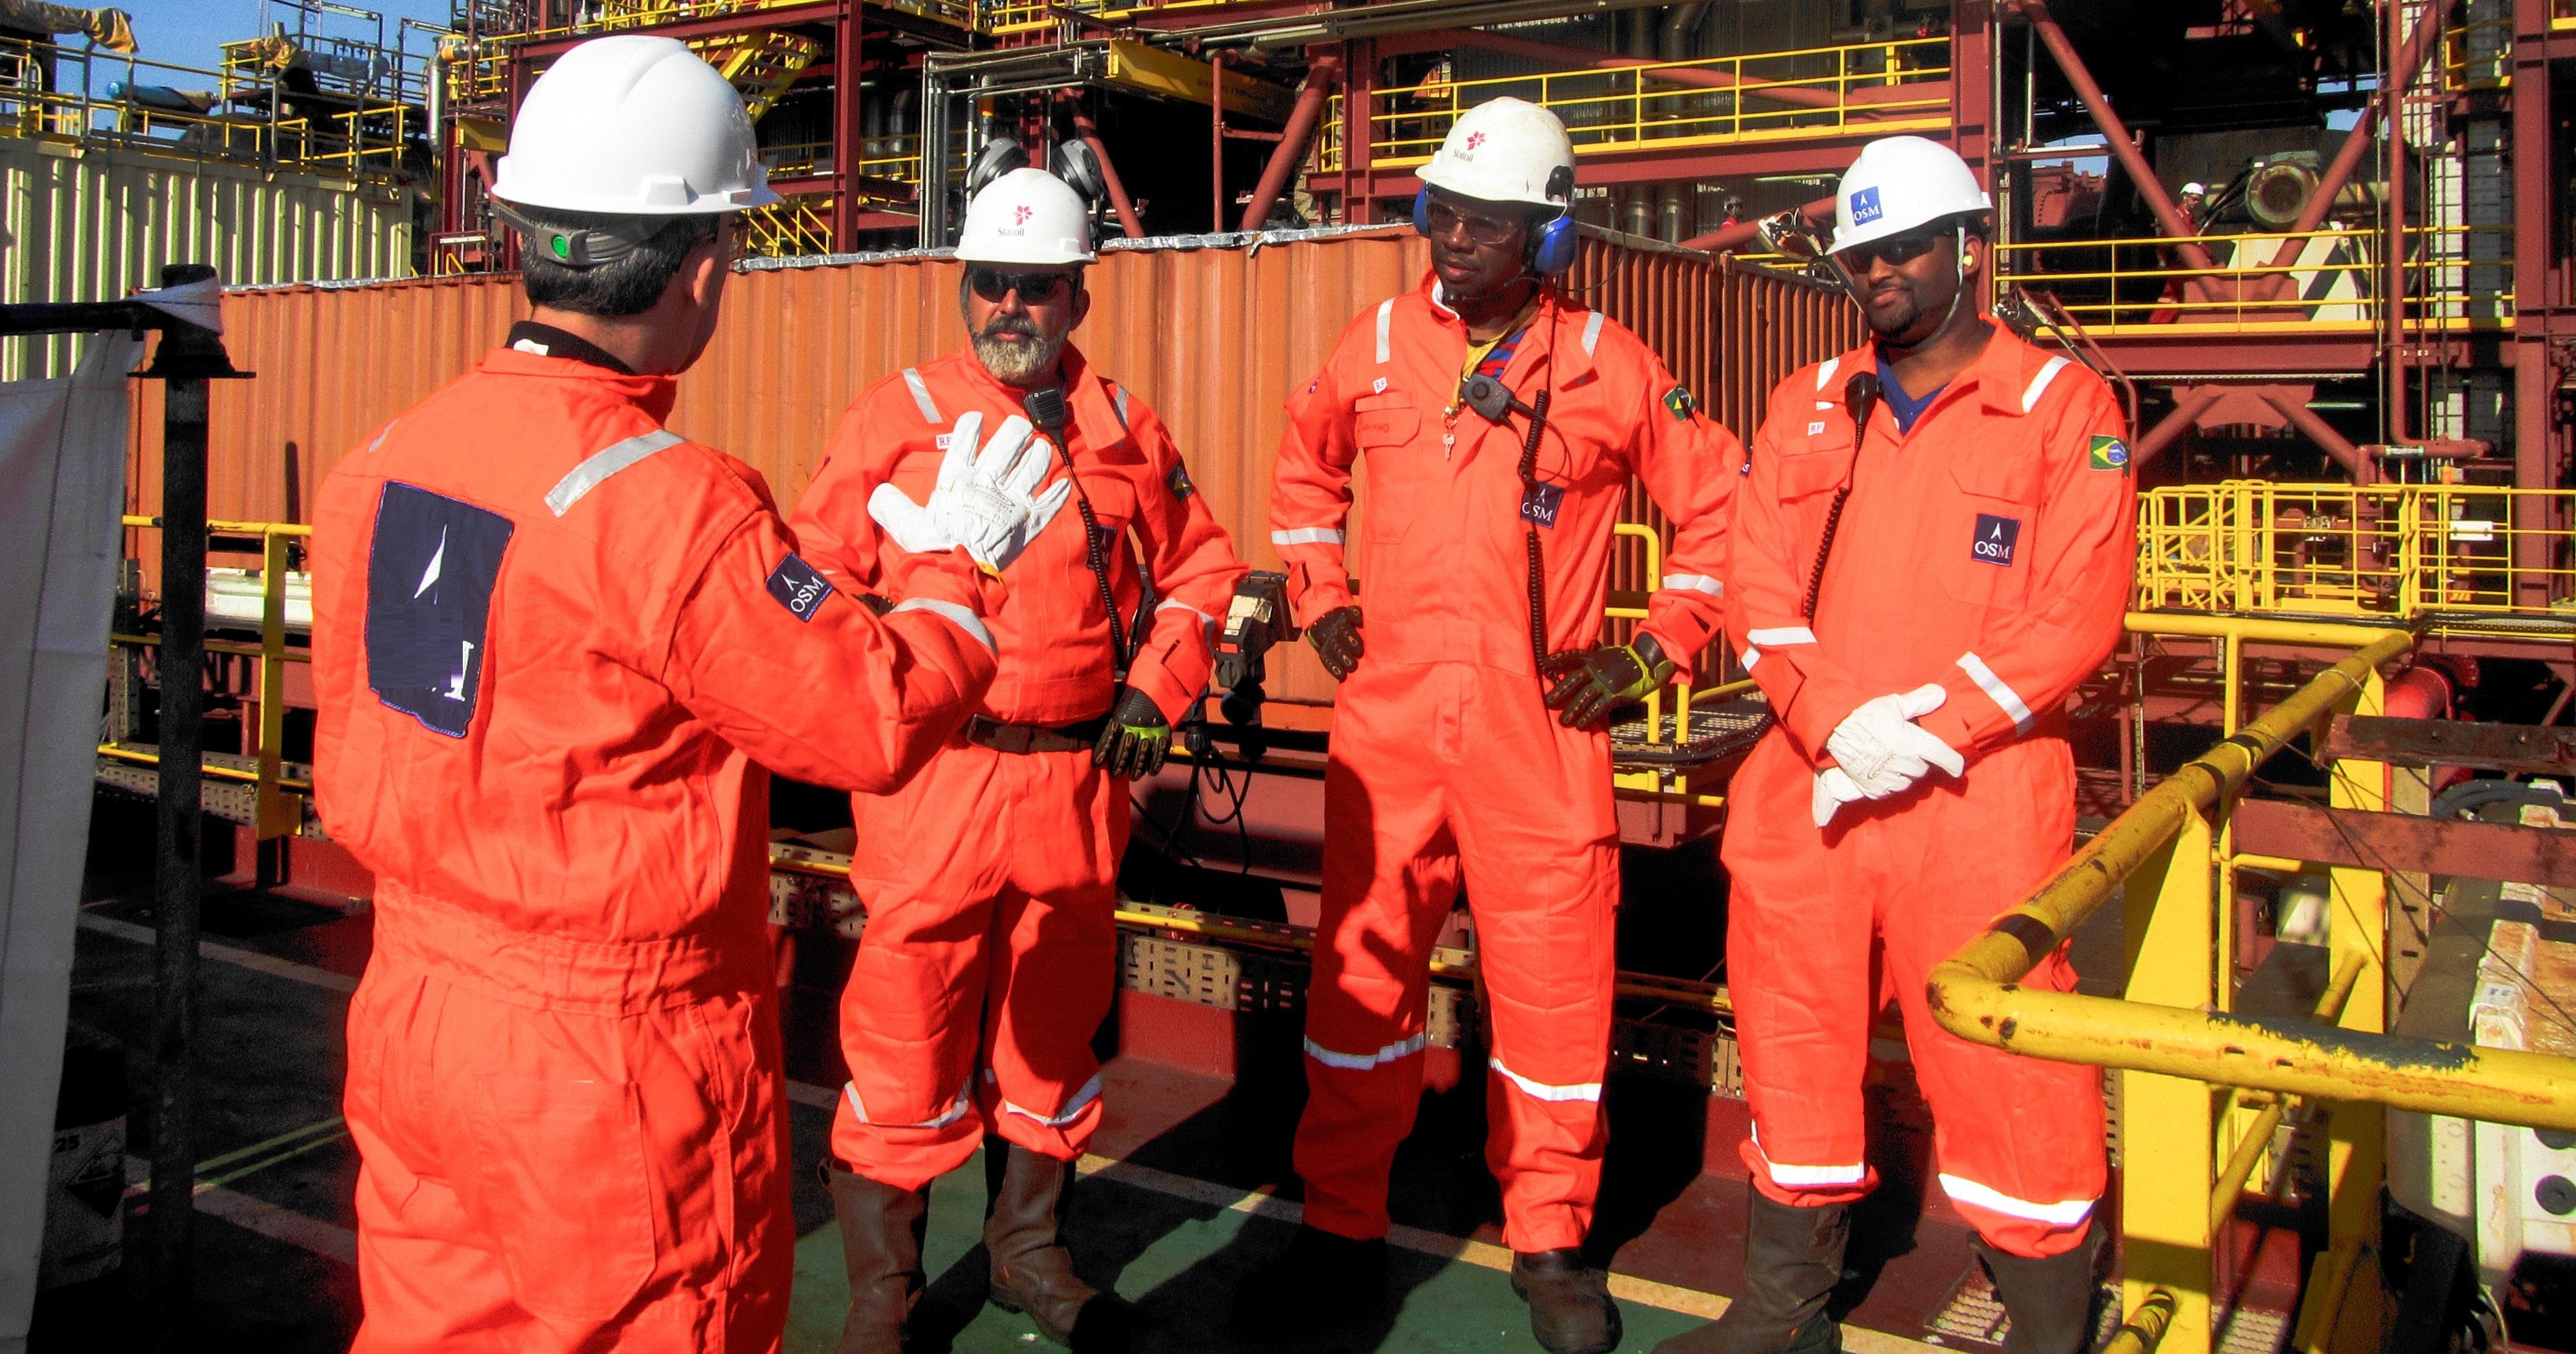 Currículos no laço: Multinacional do petróleo já está se instalando no Brasil e convoca trabalhadores